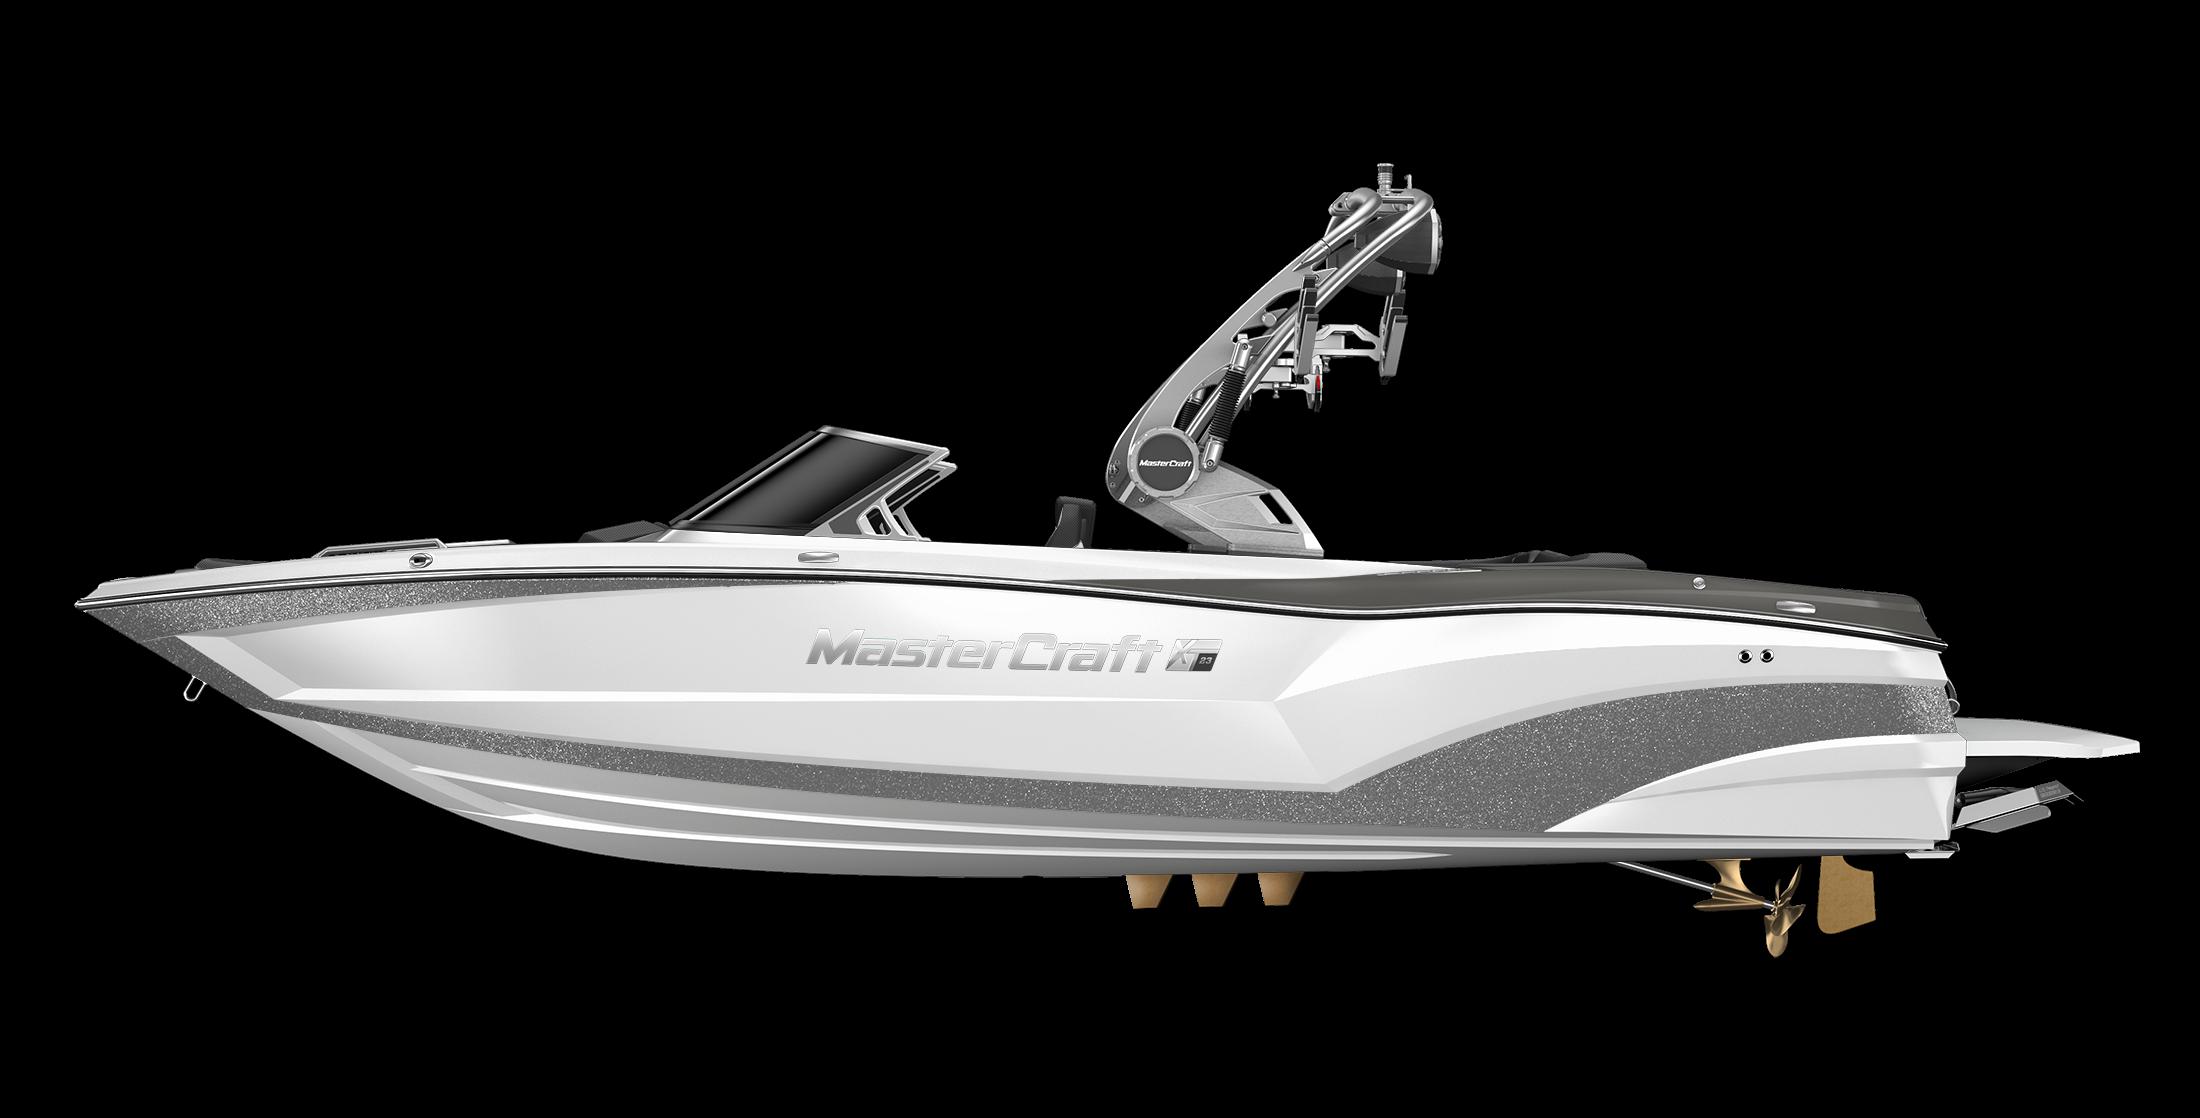 2021 Mastercraft XT23 Image 4